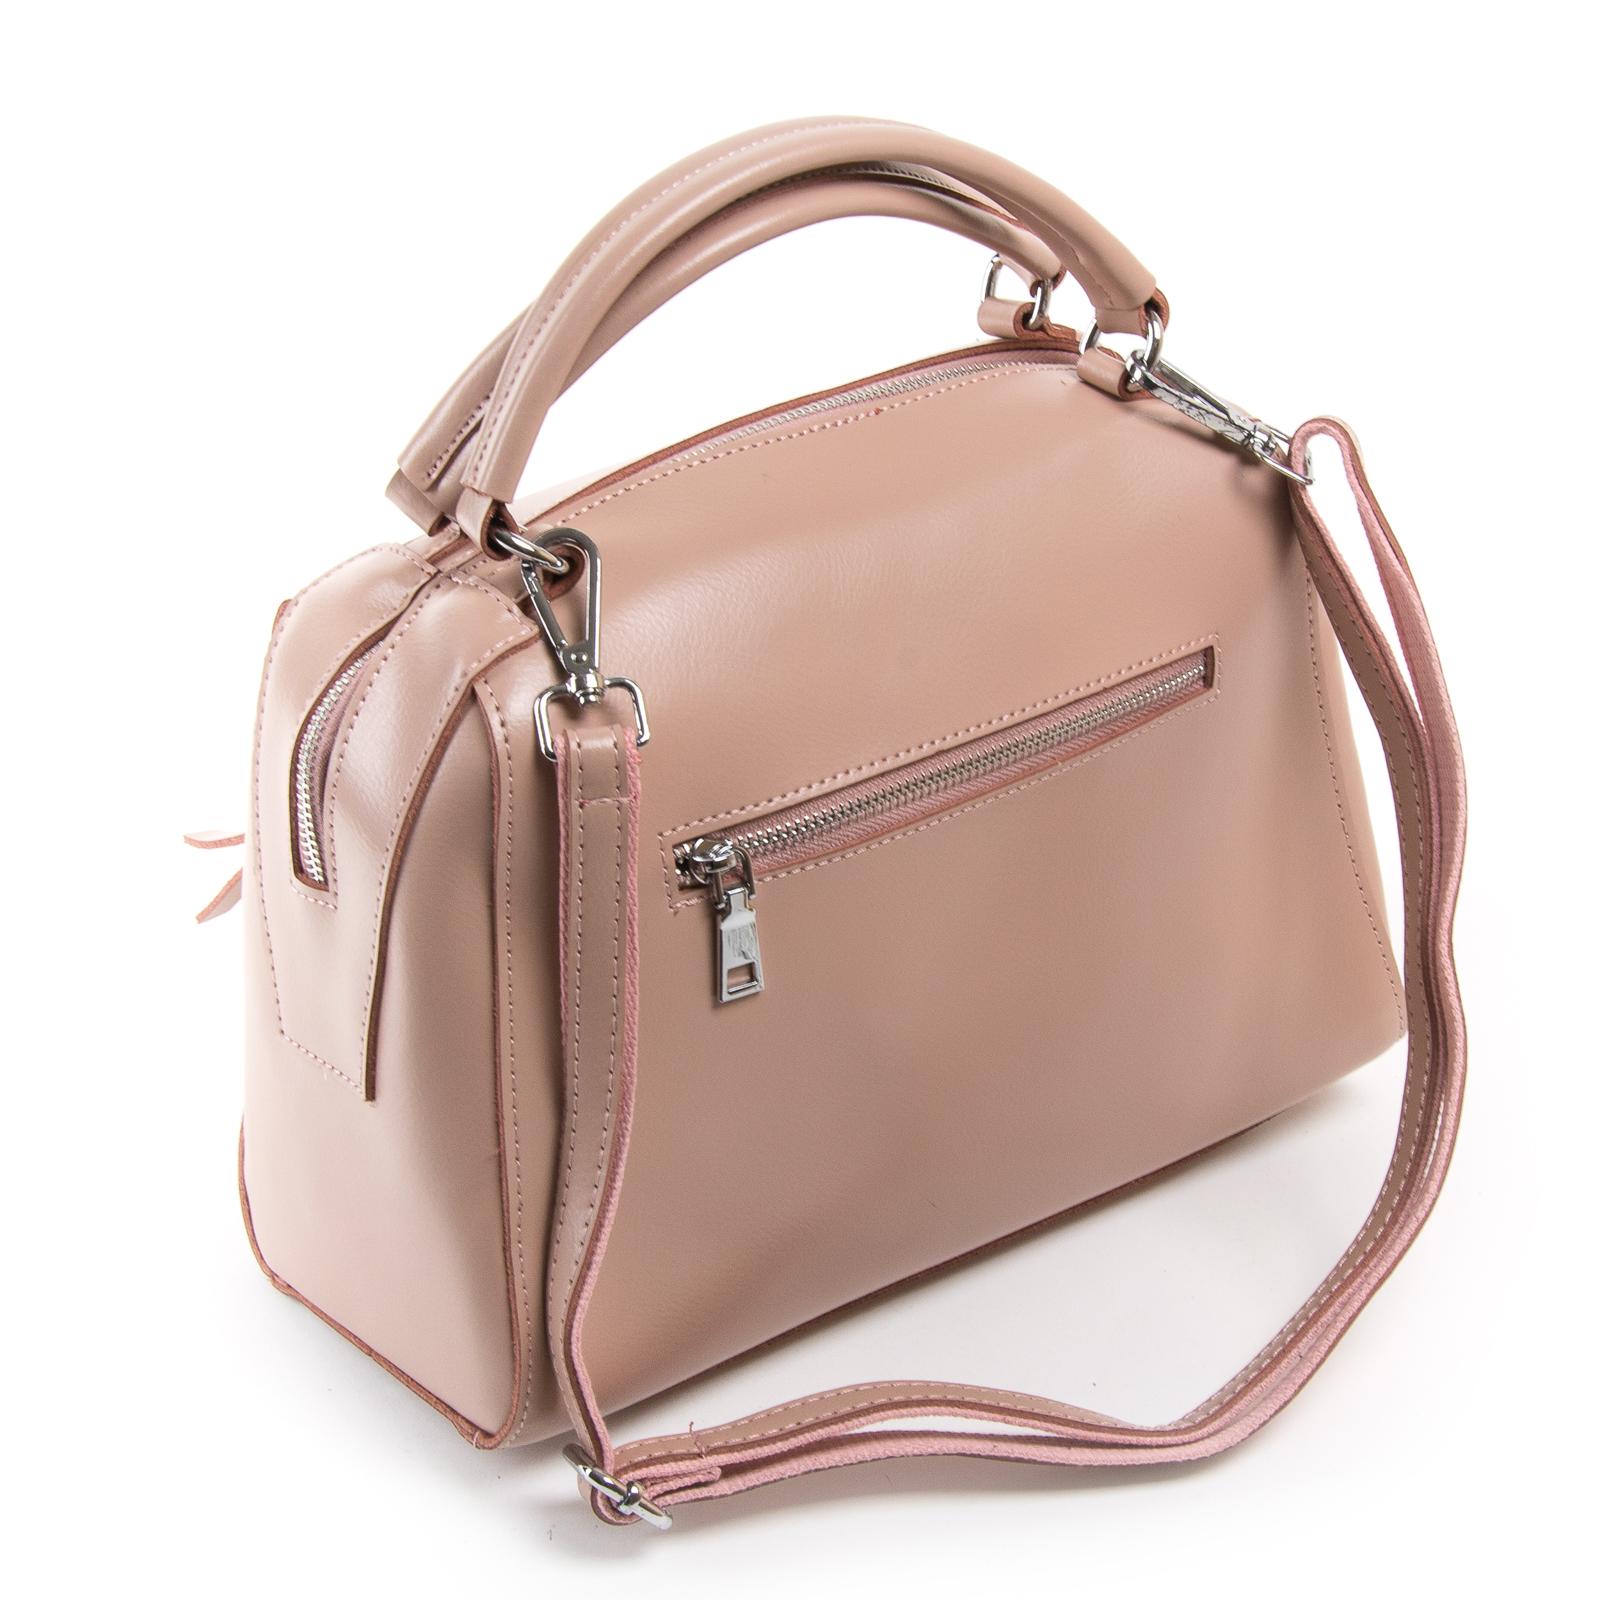 Сумка Женская Классическая кожа ALEX RAI 03-01 8763 pink - фото 4